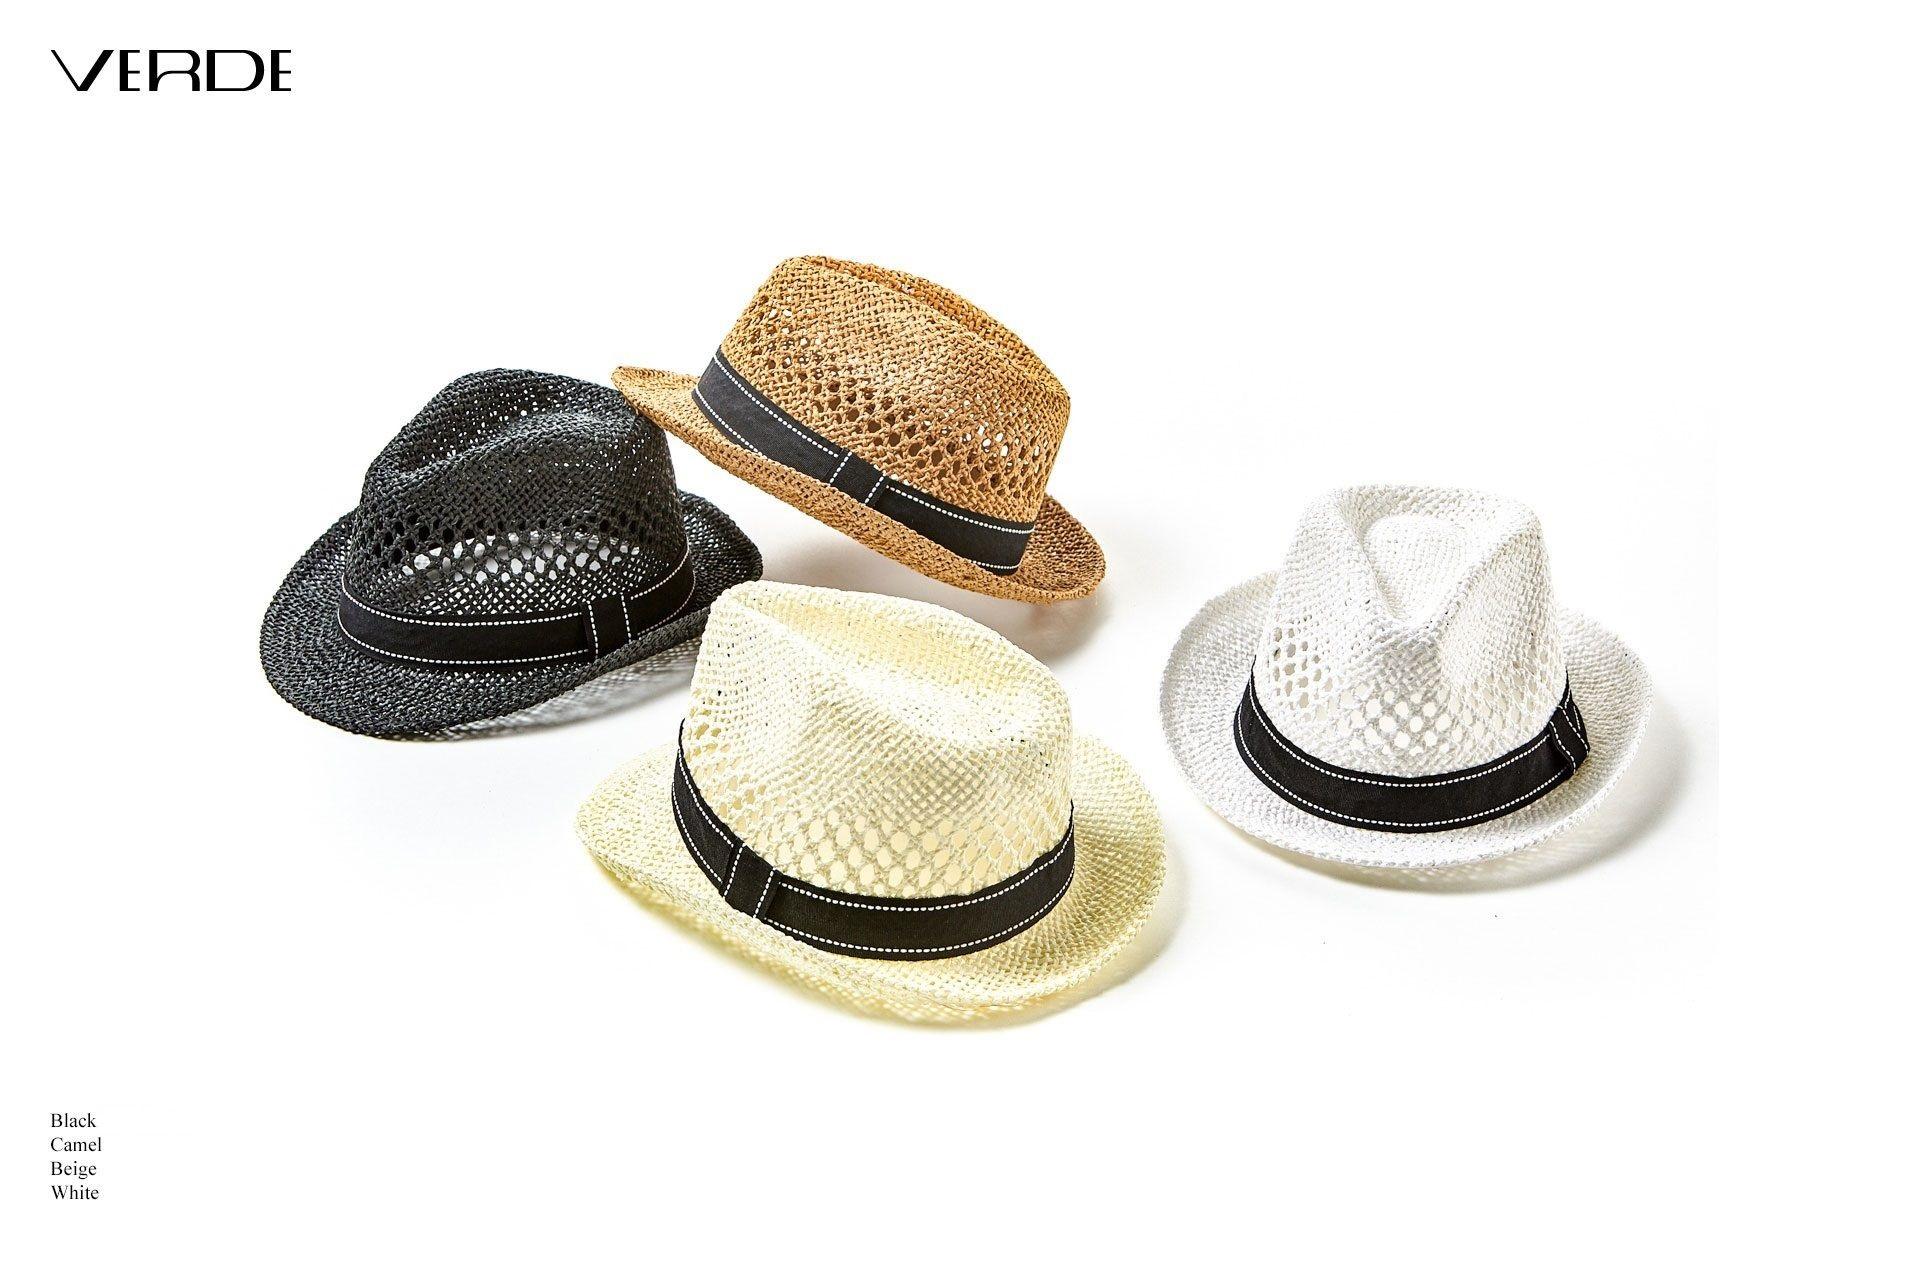 Chapeau à petit bord | Chapeaux d'été  en ligne